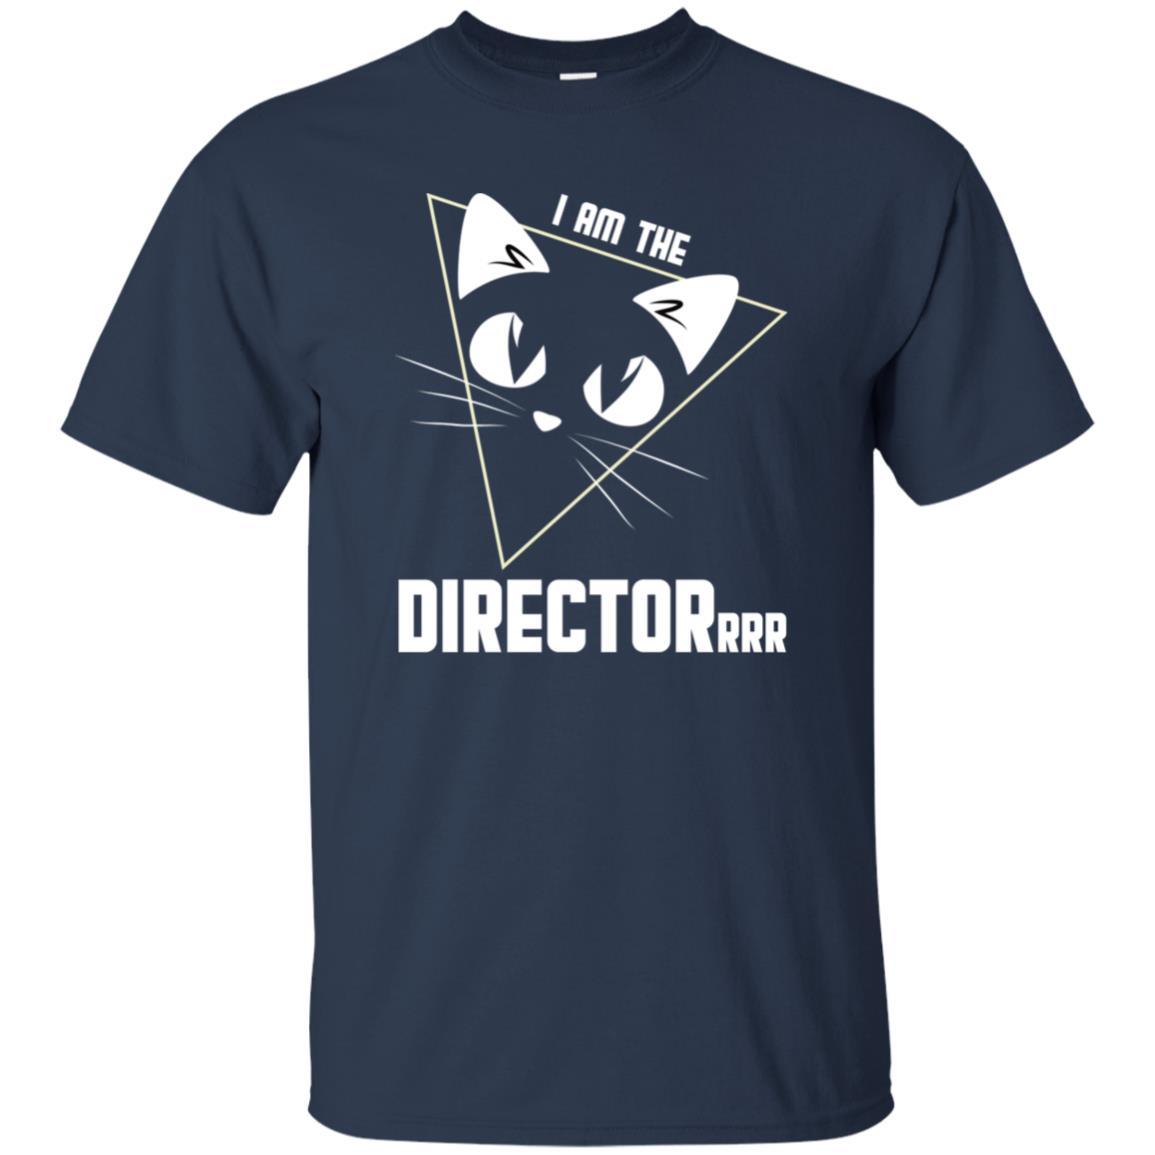 Filmmaker Cat Director Cameraman Producer Unisex Short Sleeve